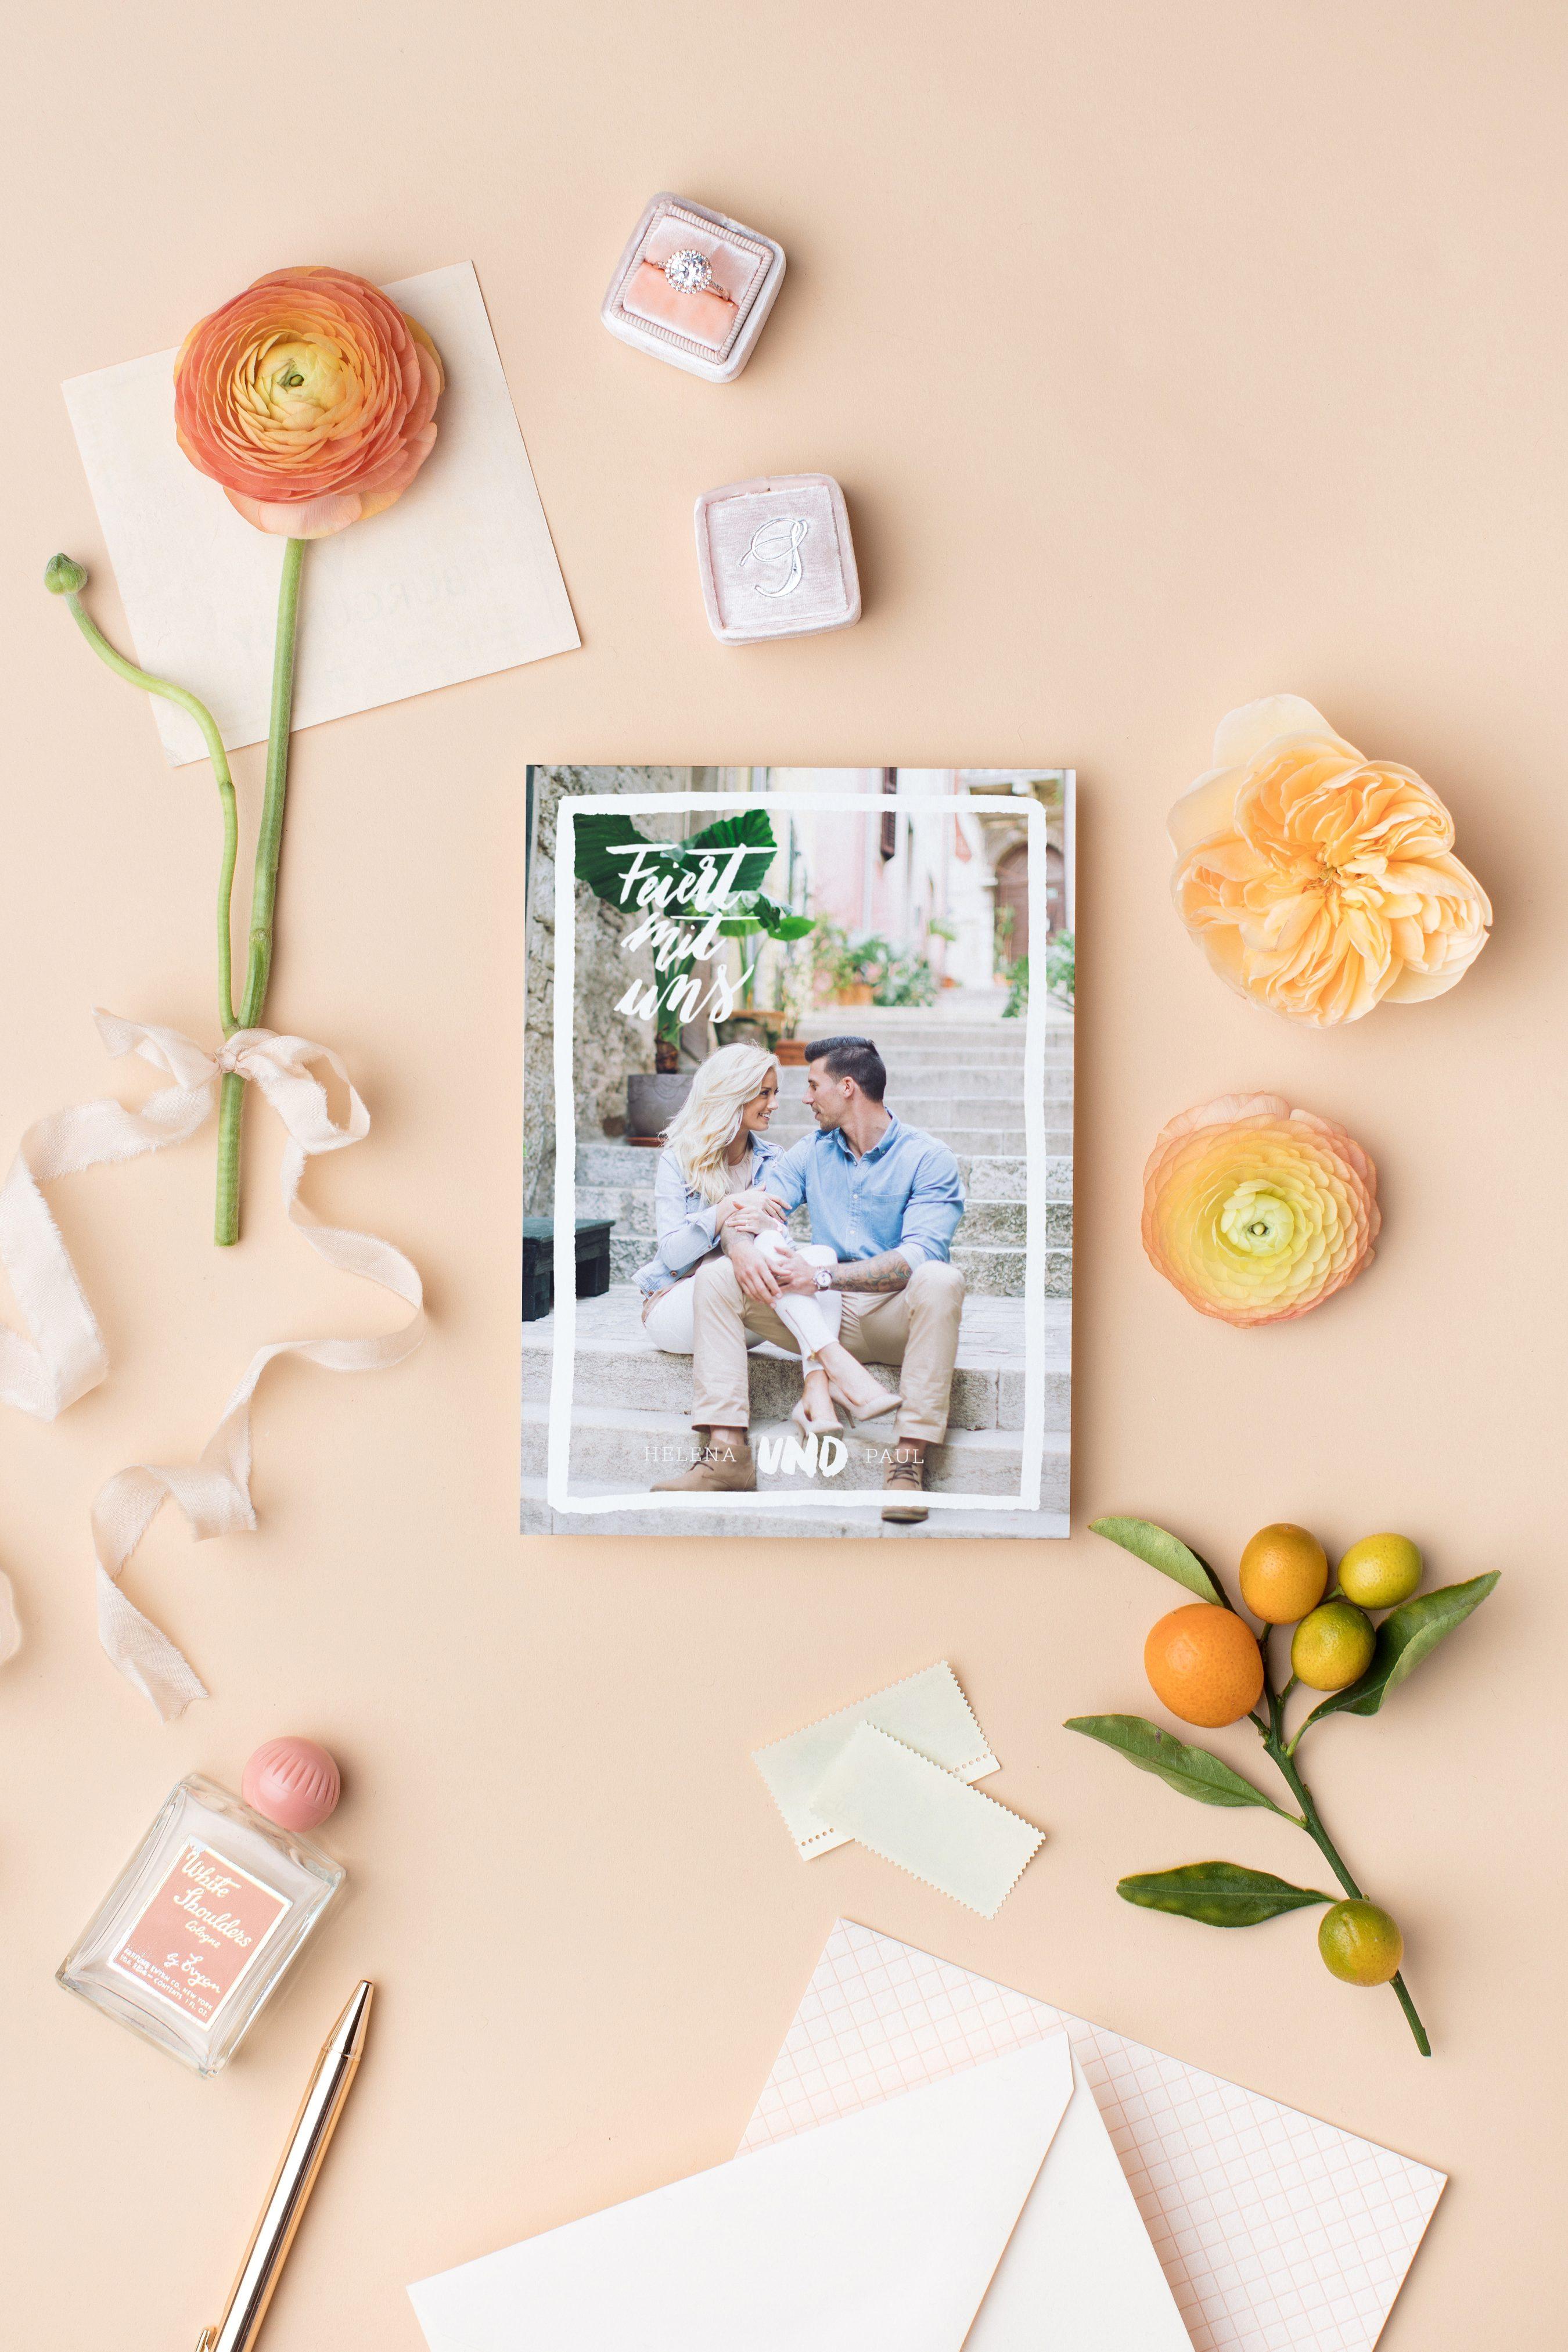 Download Hochzeitskarten, Hochzeitskarten Download, Hochzeitskarten zum Runterladen, Hochzeitskarten Digital Vorlage, Hochzeitskarten Brush Lettering